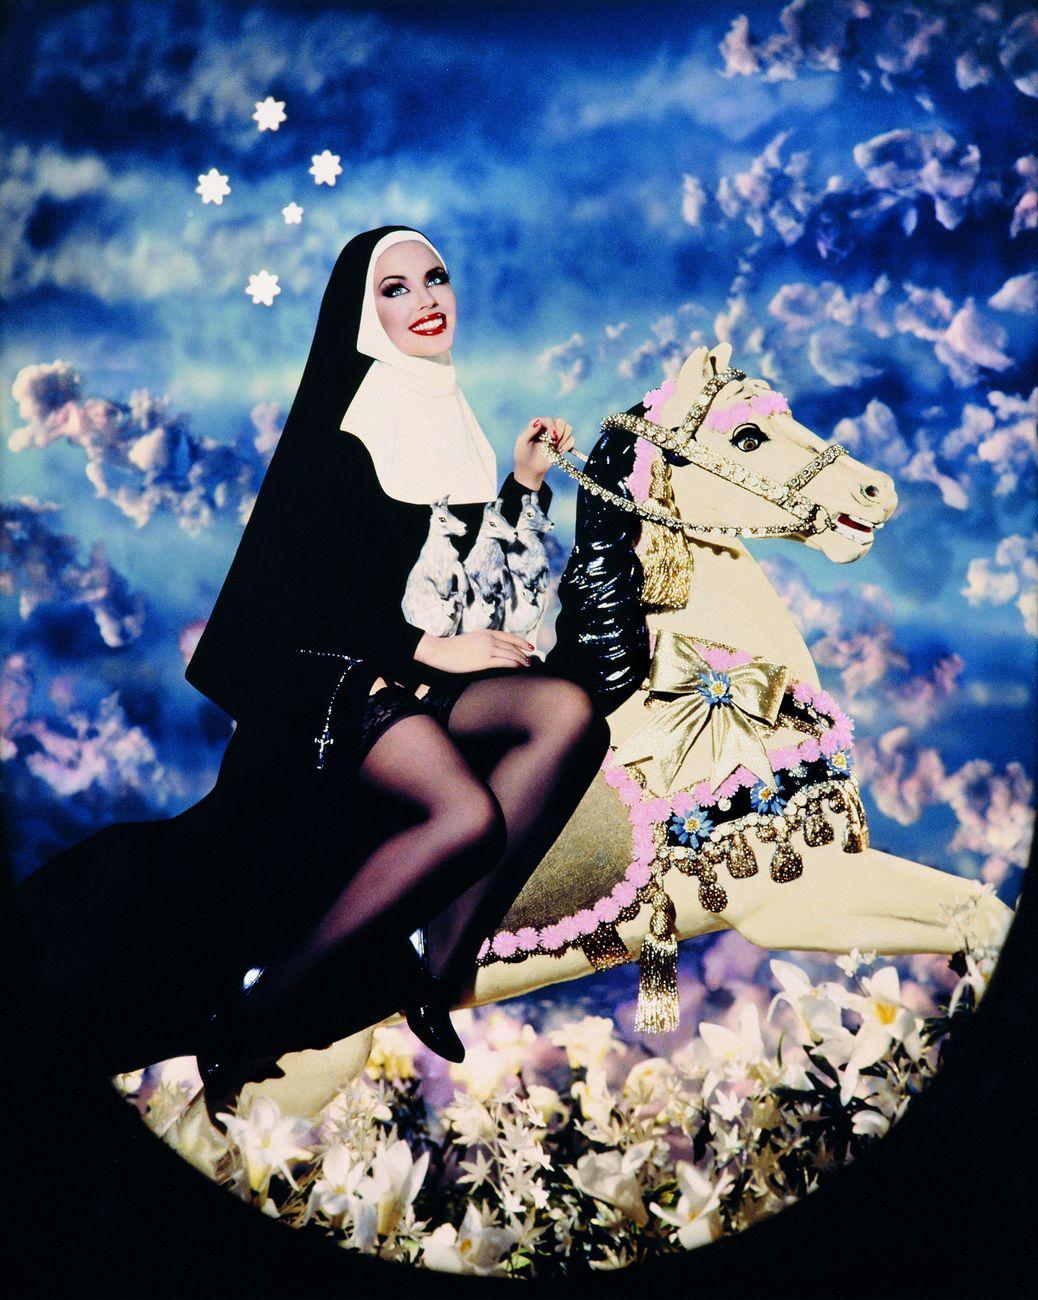 Pierre et Gilles, Sainte Mary MacKillop (Kylie Minogue), 1995. Collezione privata © Pierre et Gilles